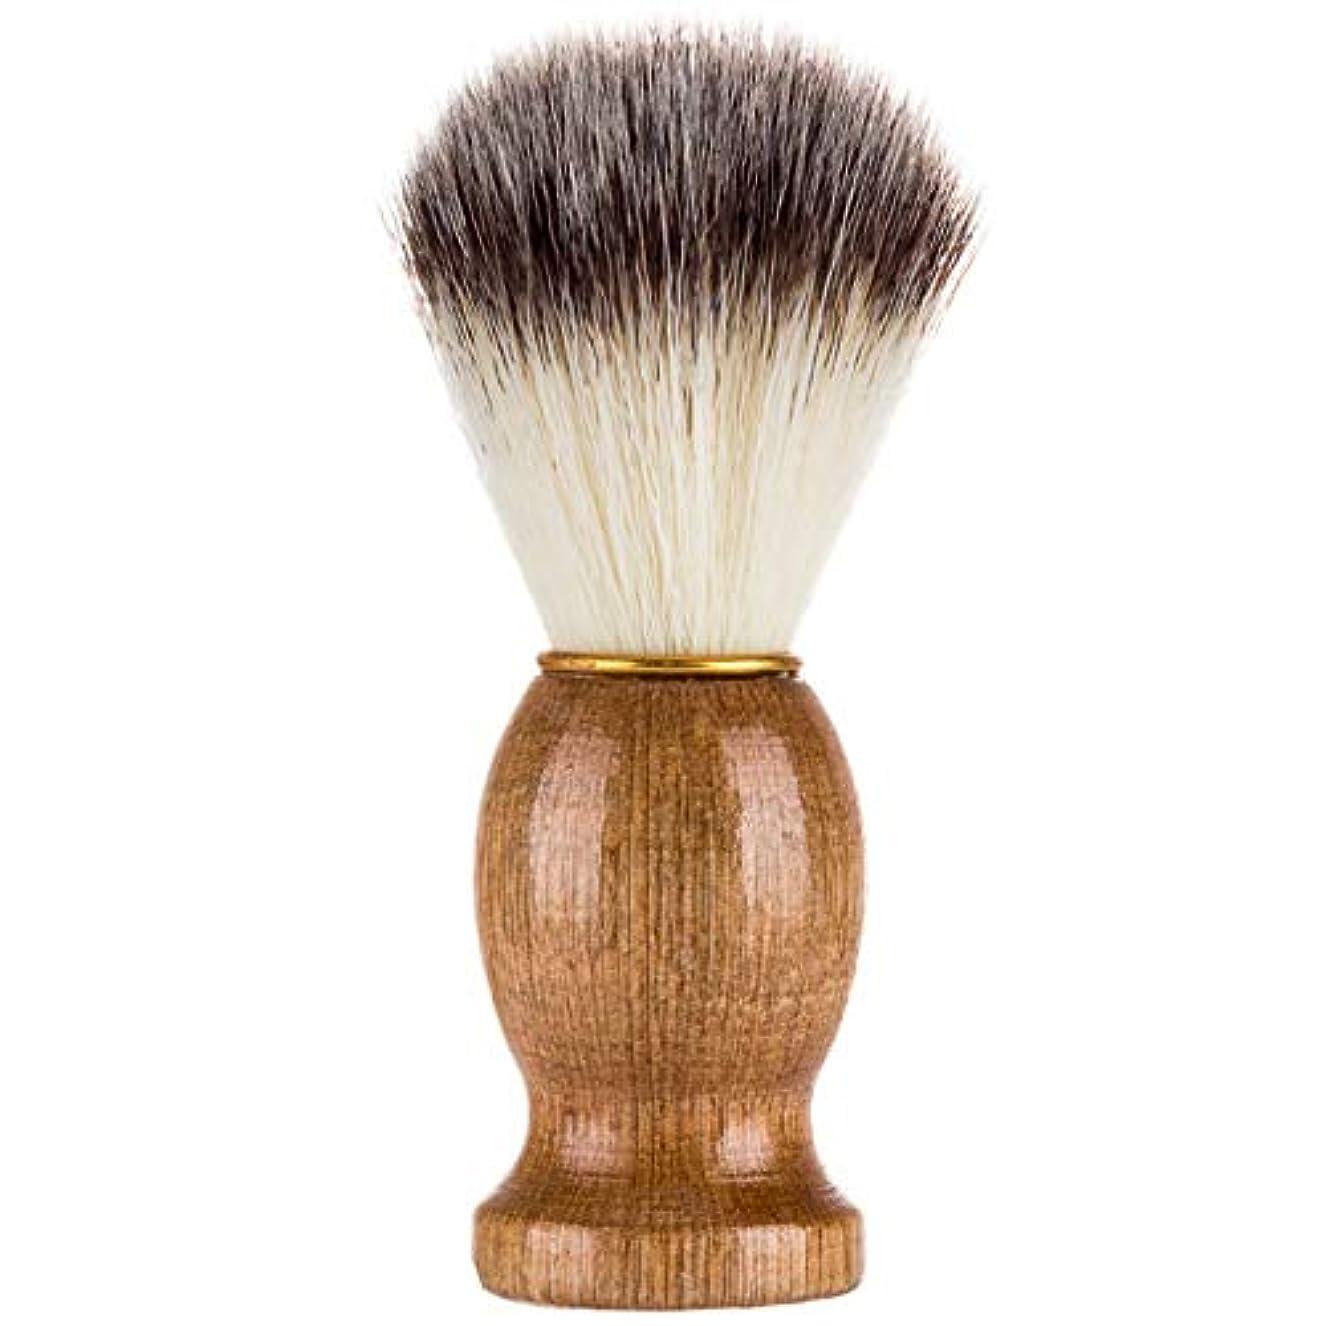 ラオス人アサート突き刺すソフトヘアメイクブラシメンズシェービングブラシ品質剛毛新しいポータブルハイエンドひげブラシ美容ツール